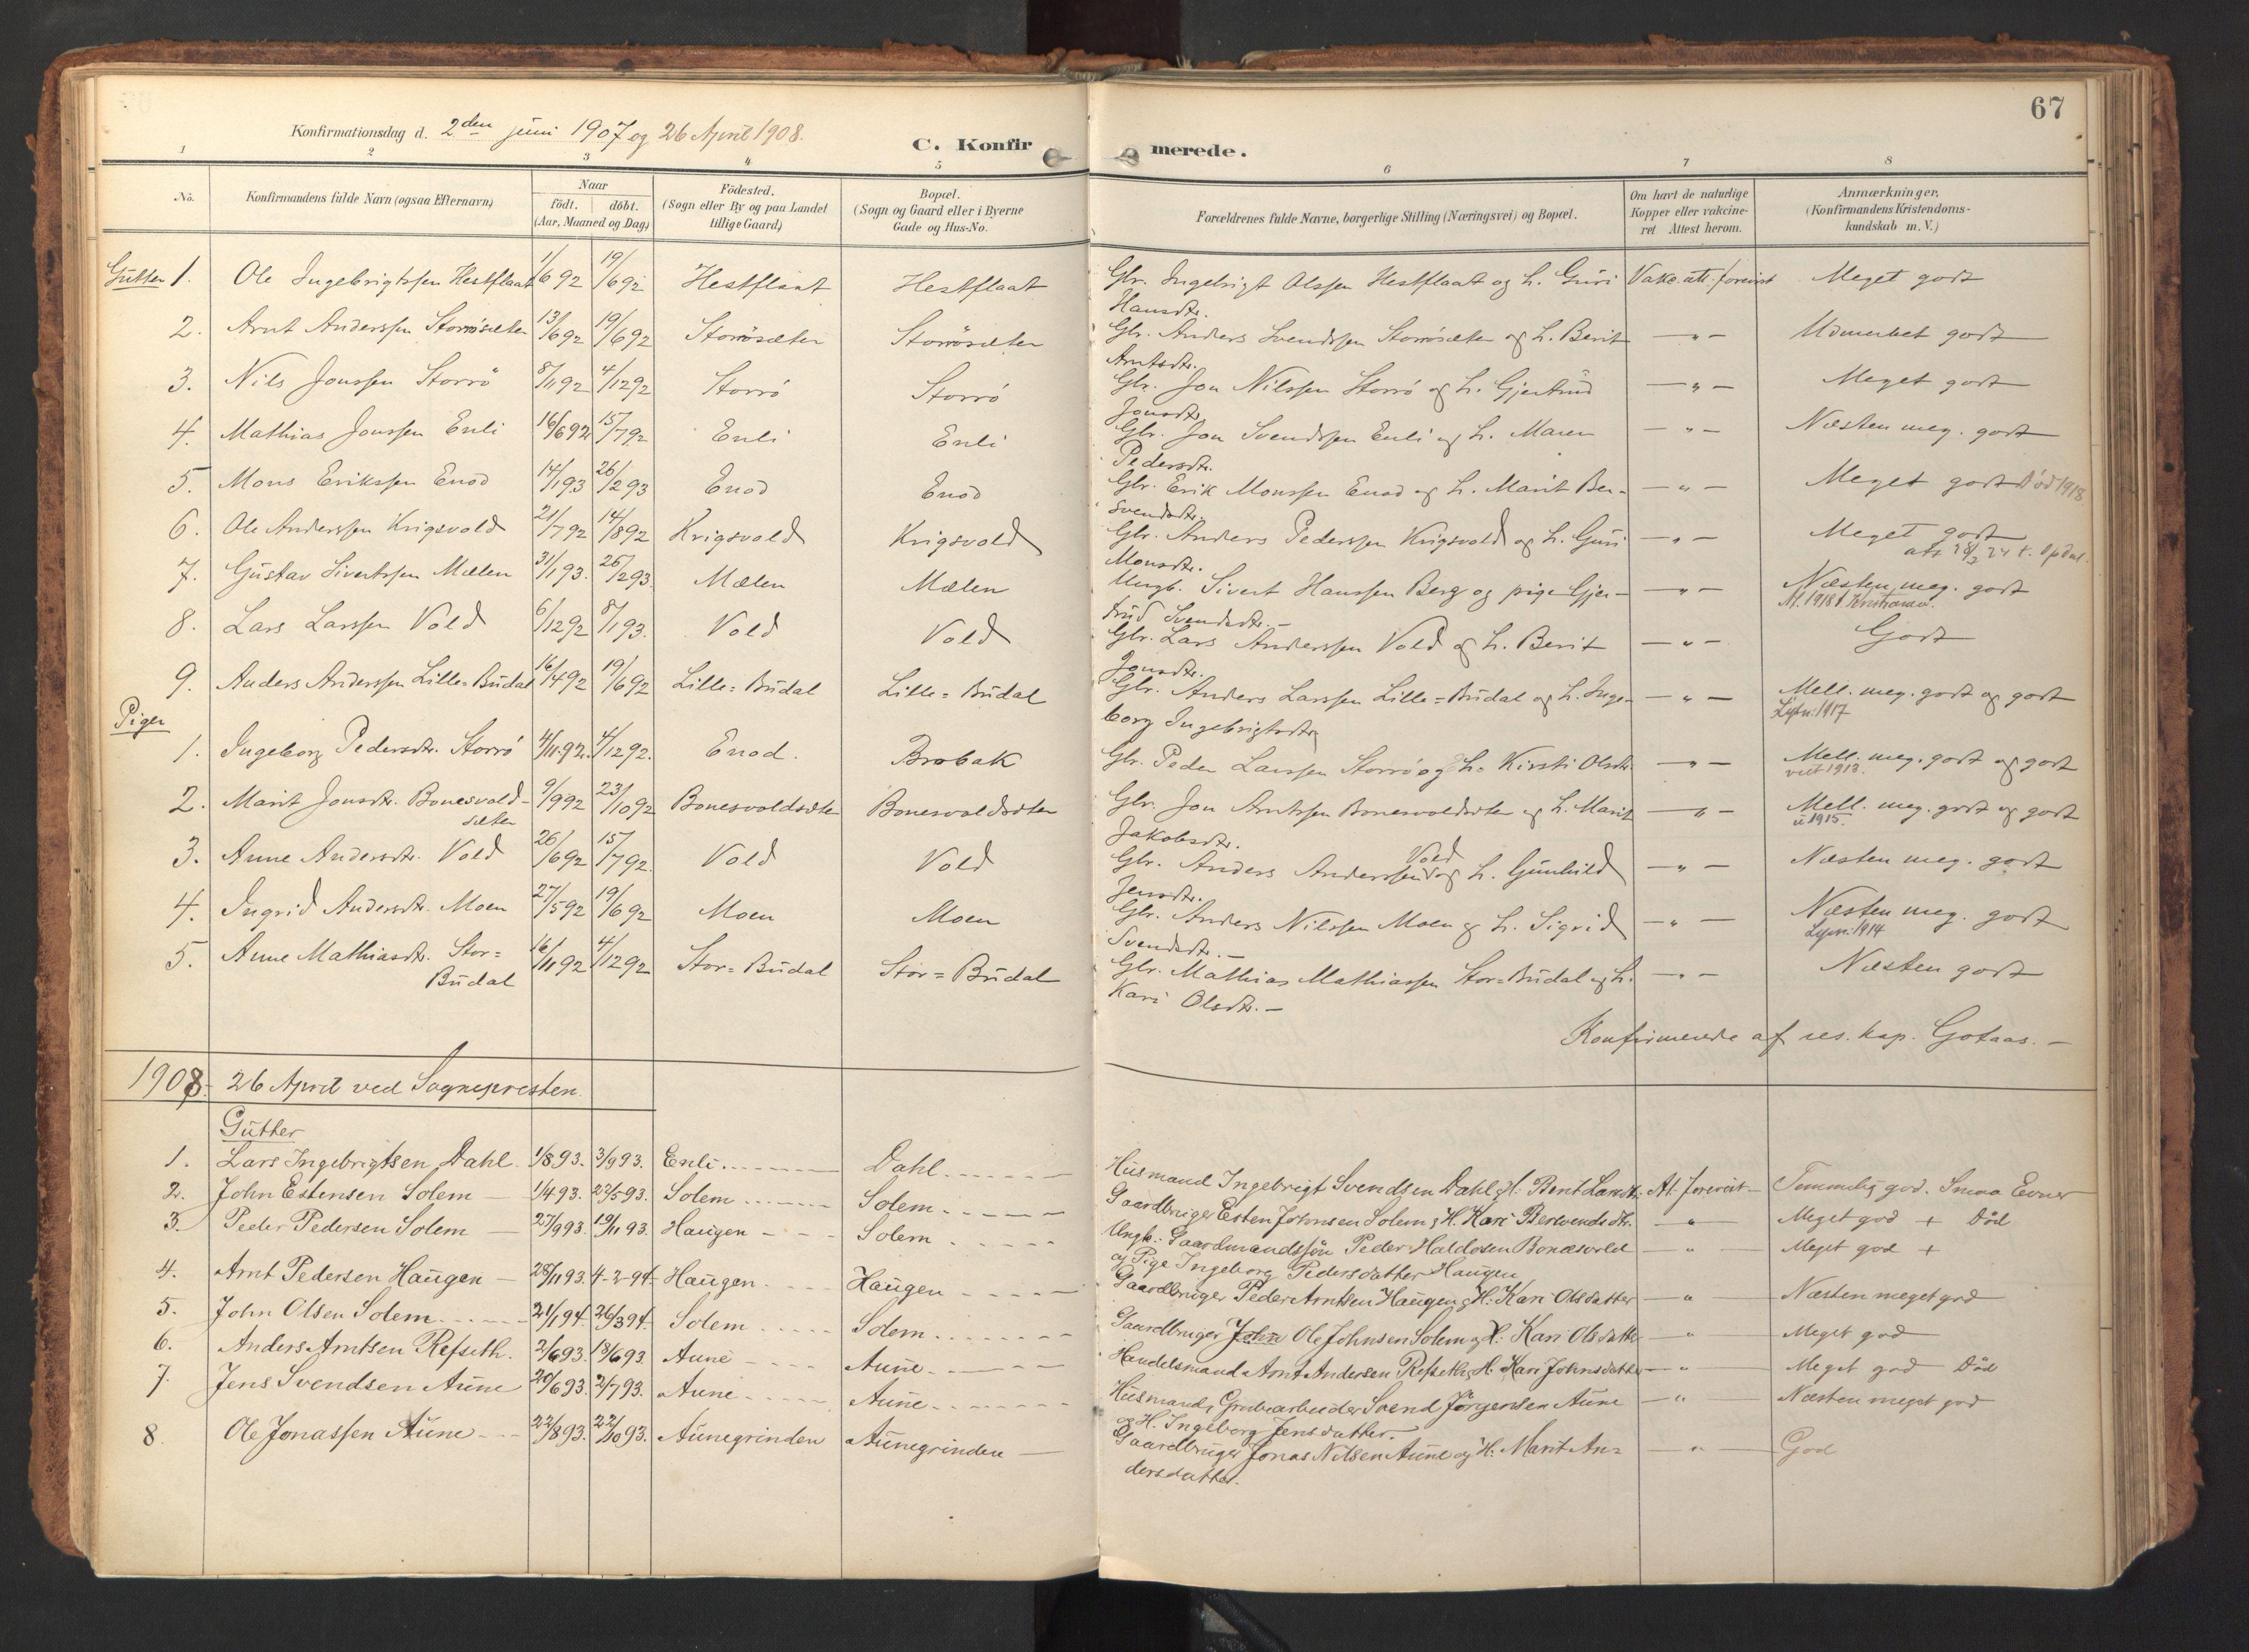 SAT, Ministerialprotokoller, klokkerbøker og fødselsregistre - Sør-Trøndelag, 690/L1050: Ministerialbok nr. 690A01, 1889-1929, s. 67